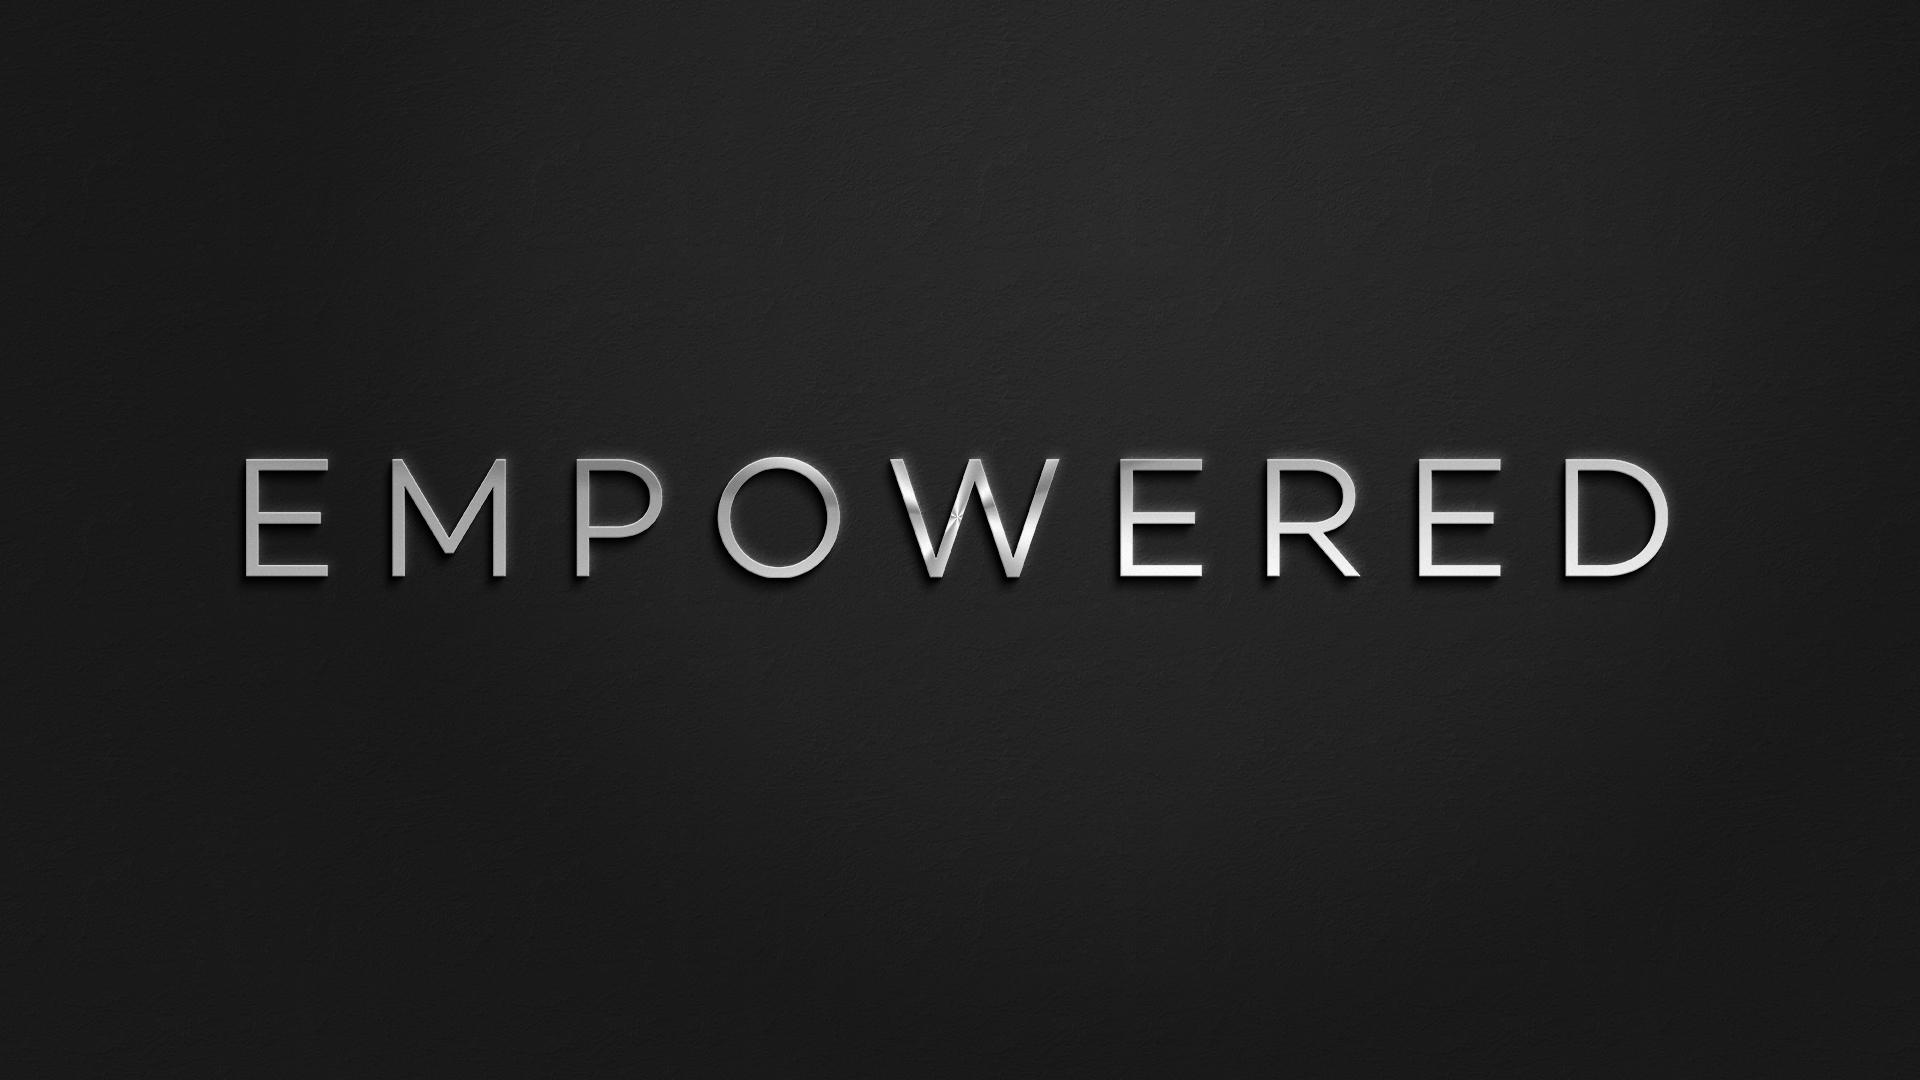 empower 2.jpg